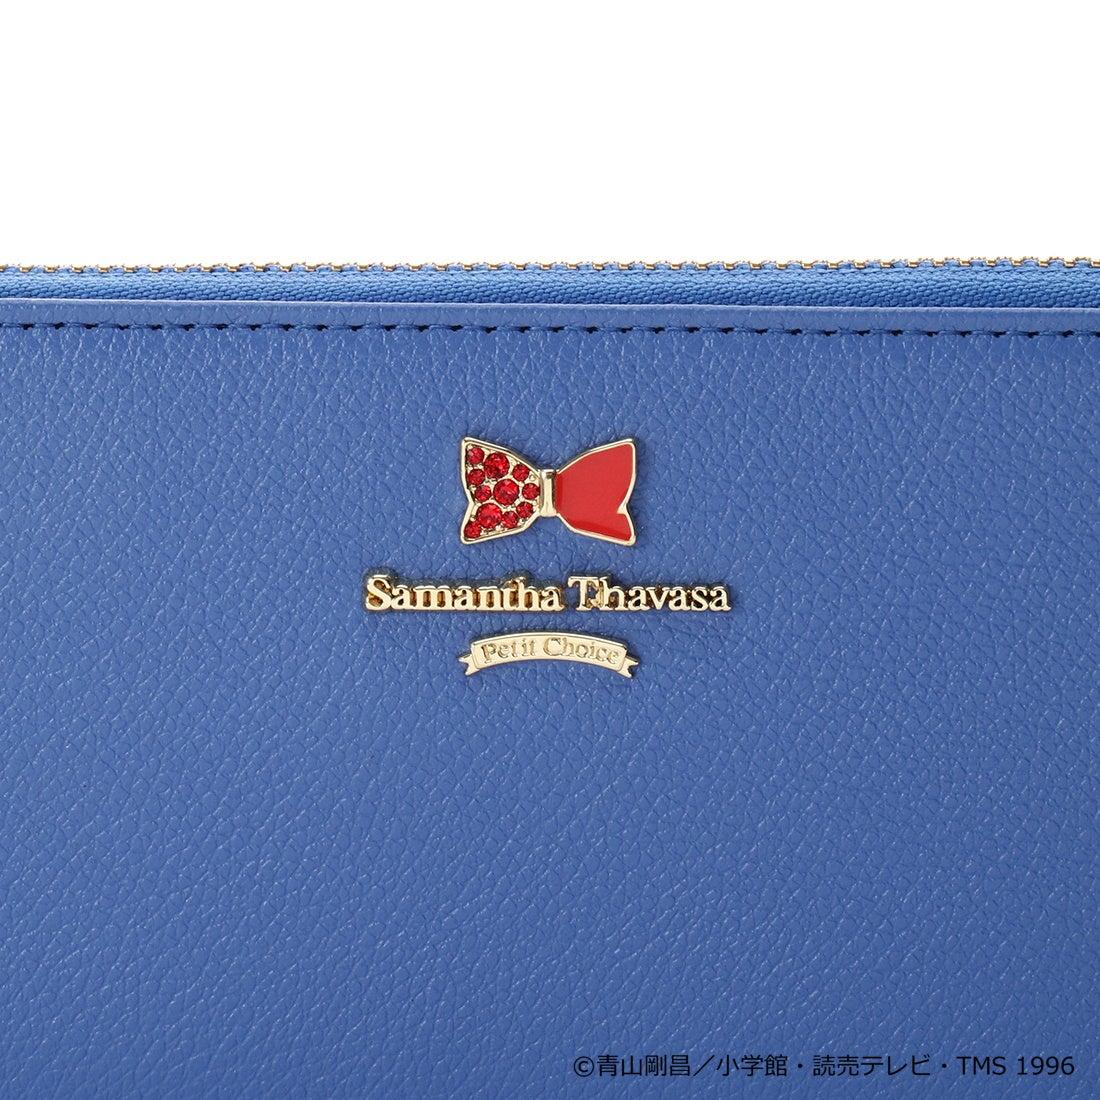 finest selection 4e7a7 ecde1 Samantha Thavasa サマンサタバサプチチョイス 【「名探偵コナン ...